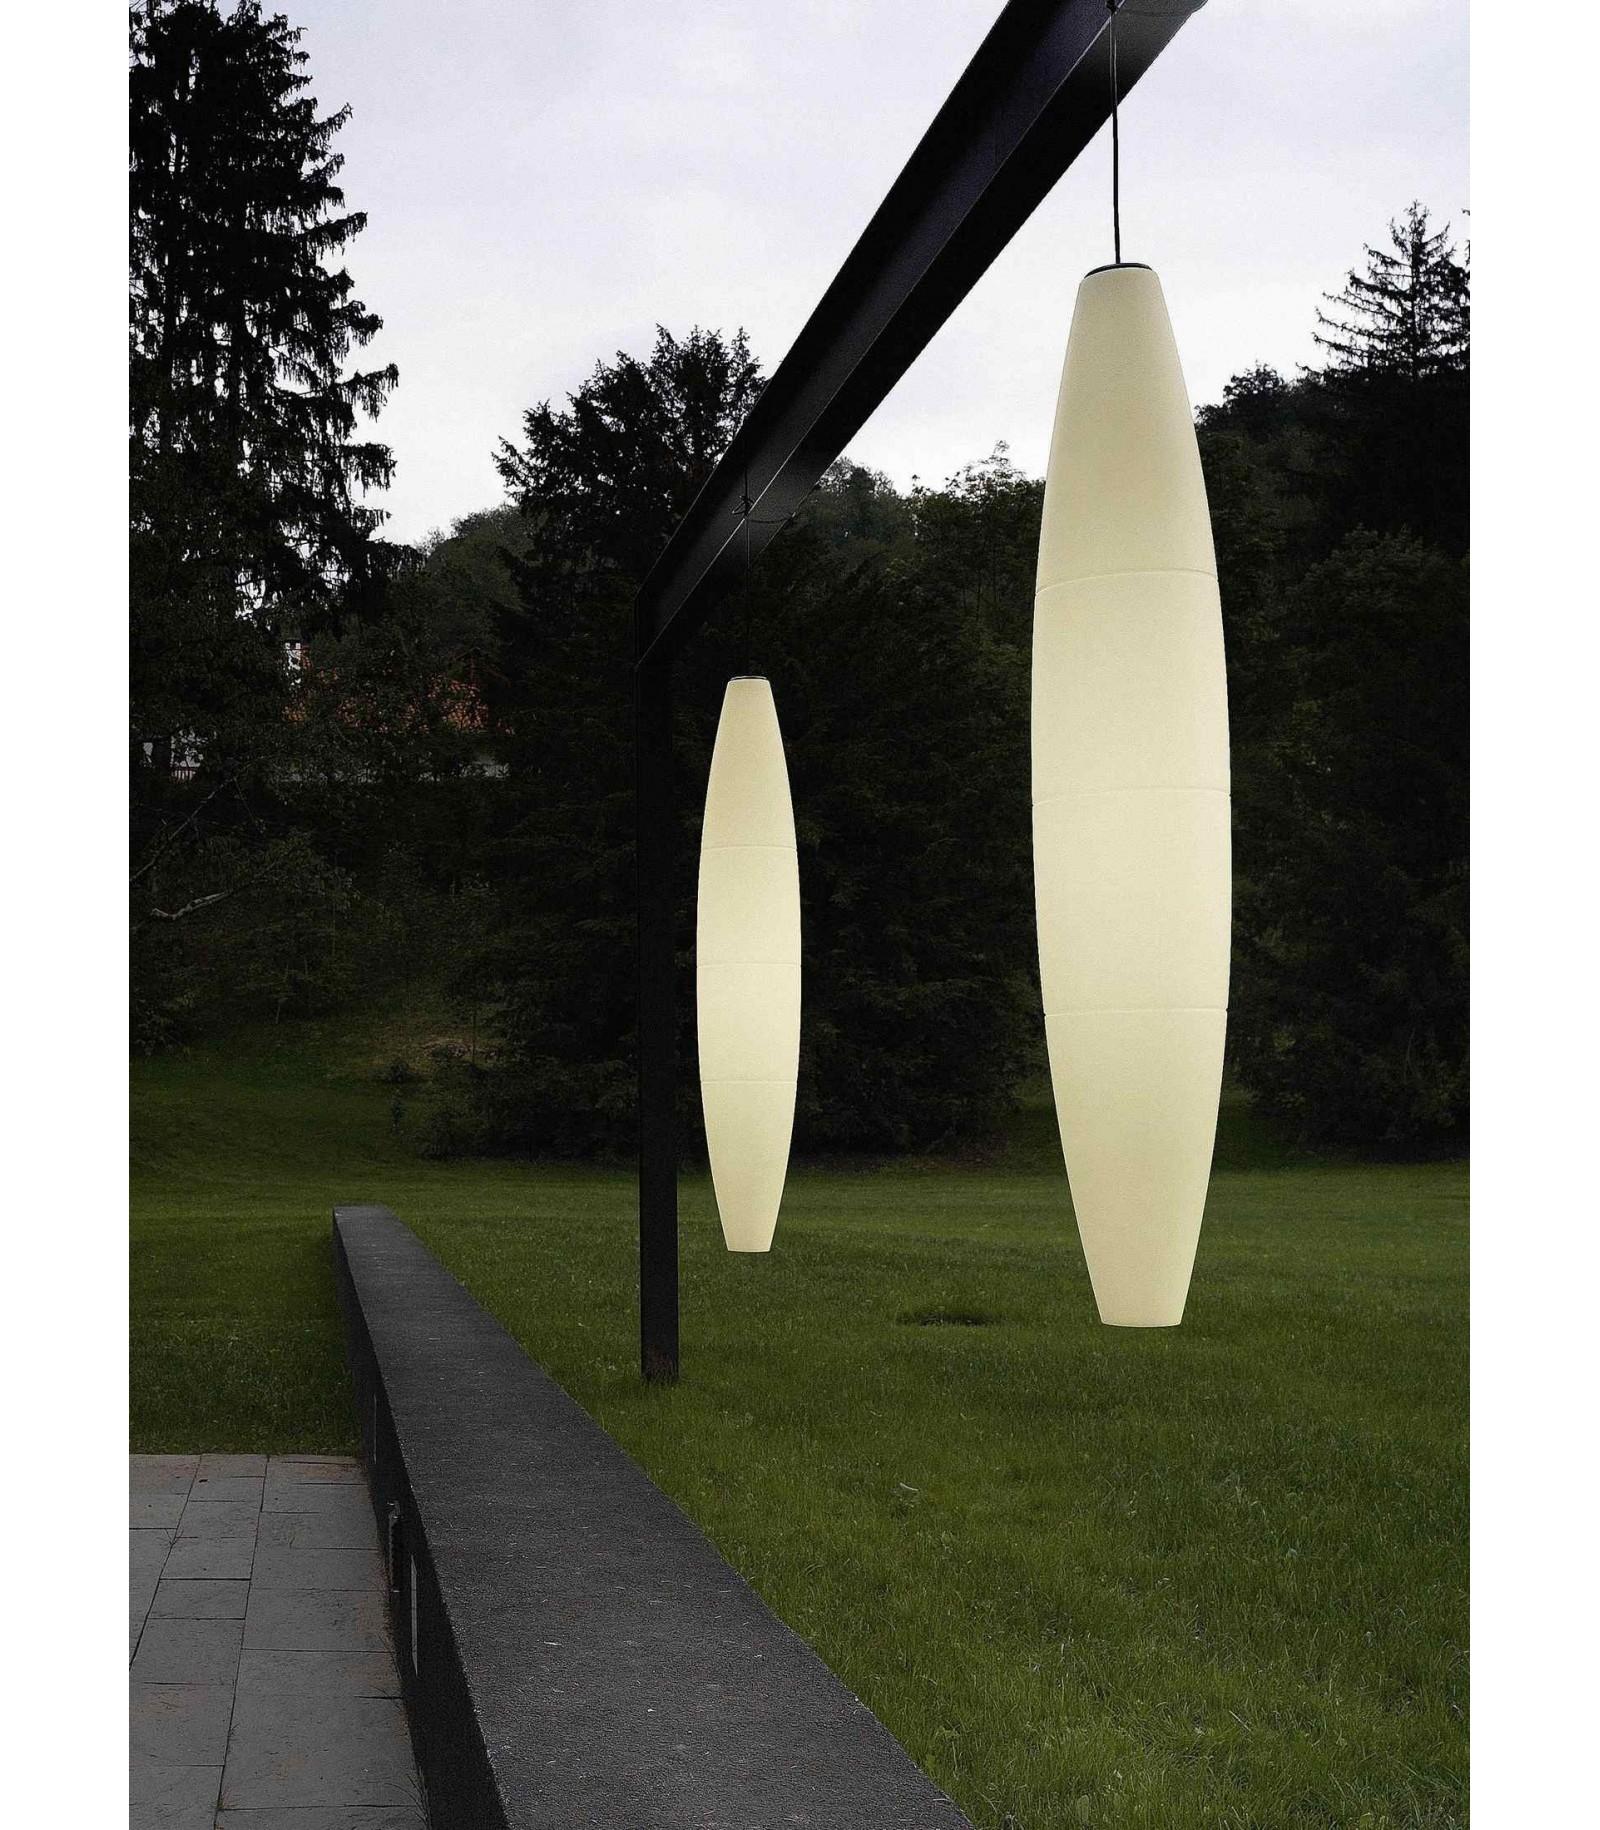 Lampada da esterno foscarini havana sospensione outdoor - Lampade a sospensione da esterno ikea ...